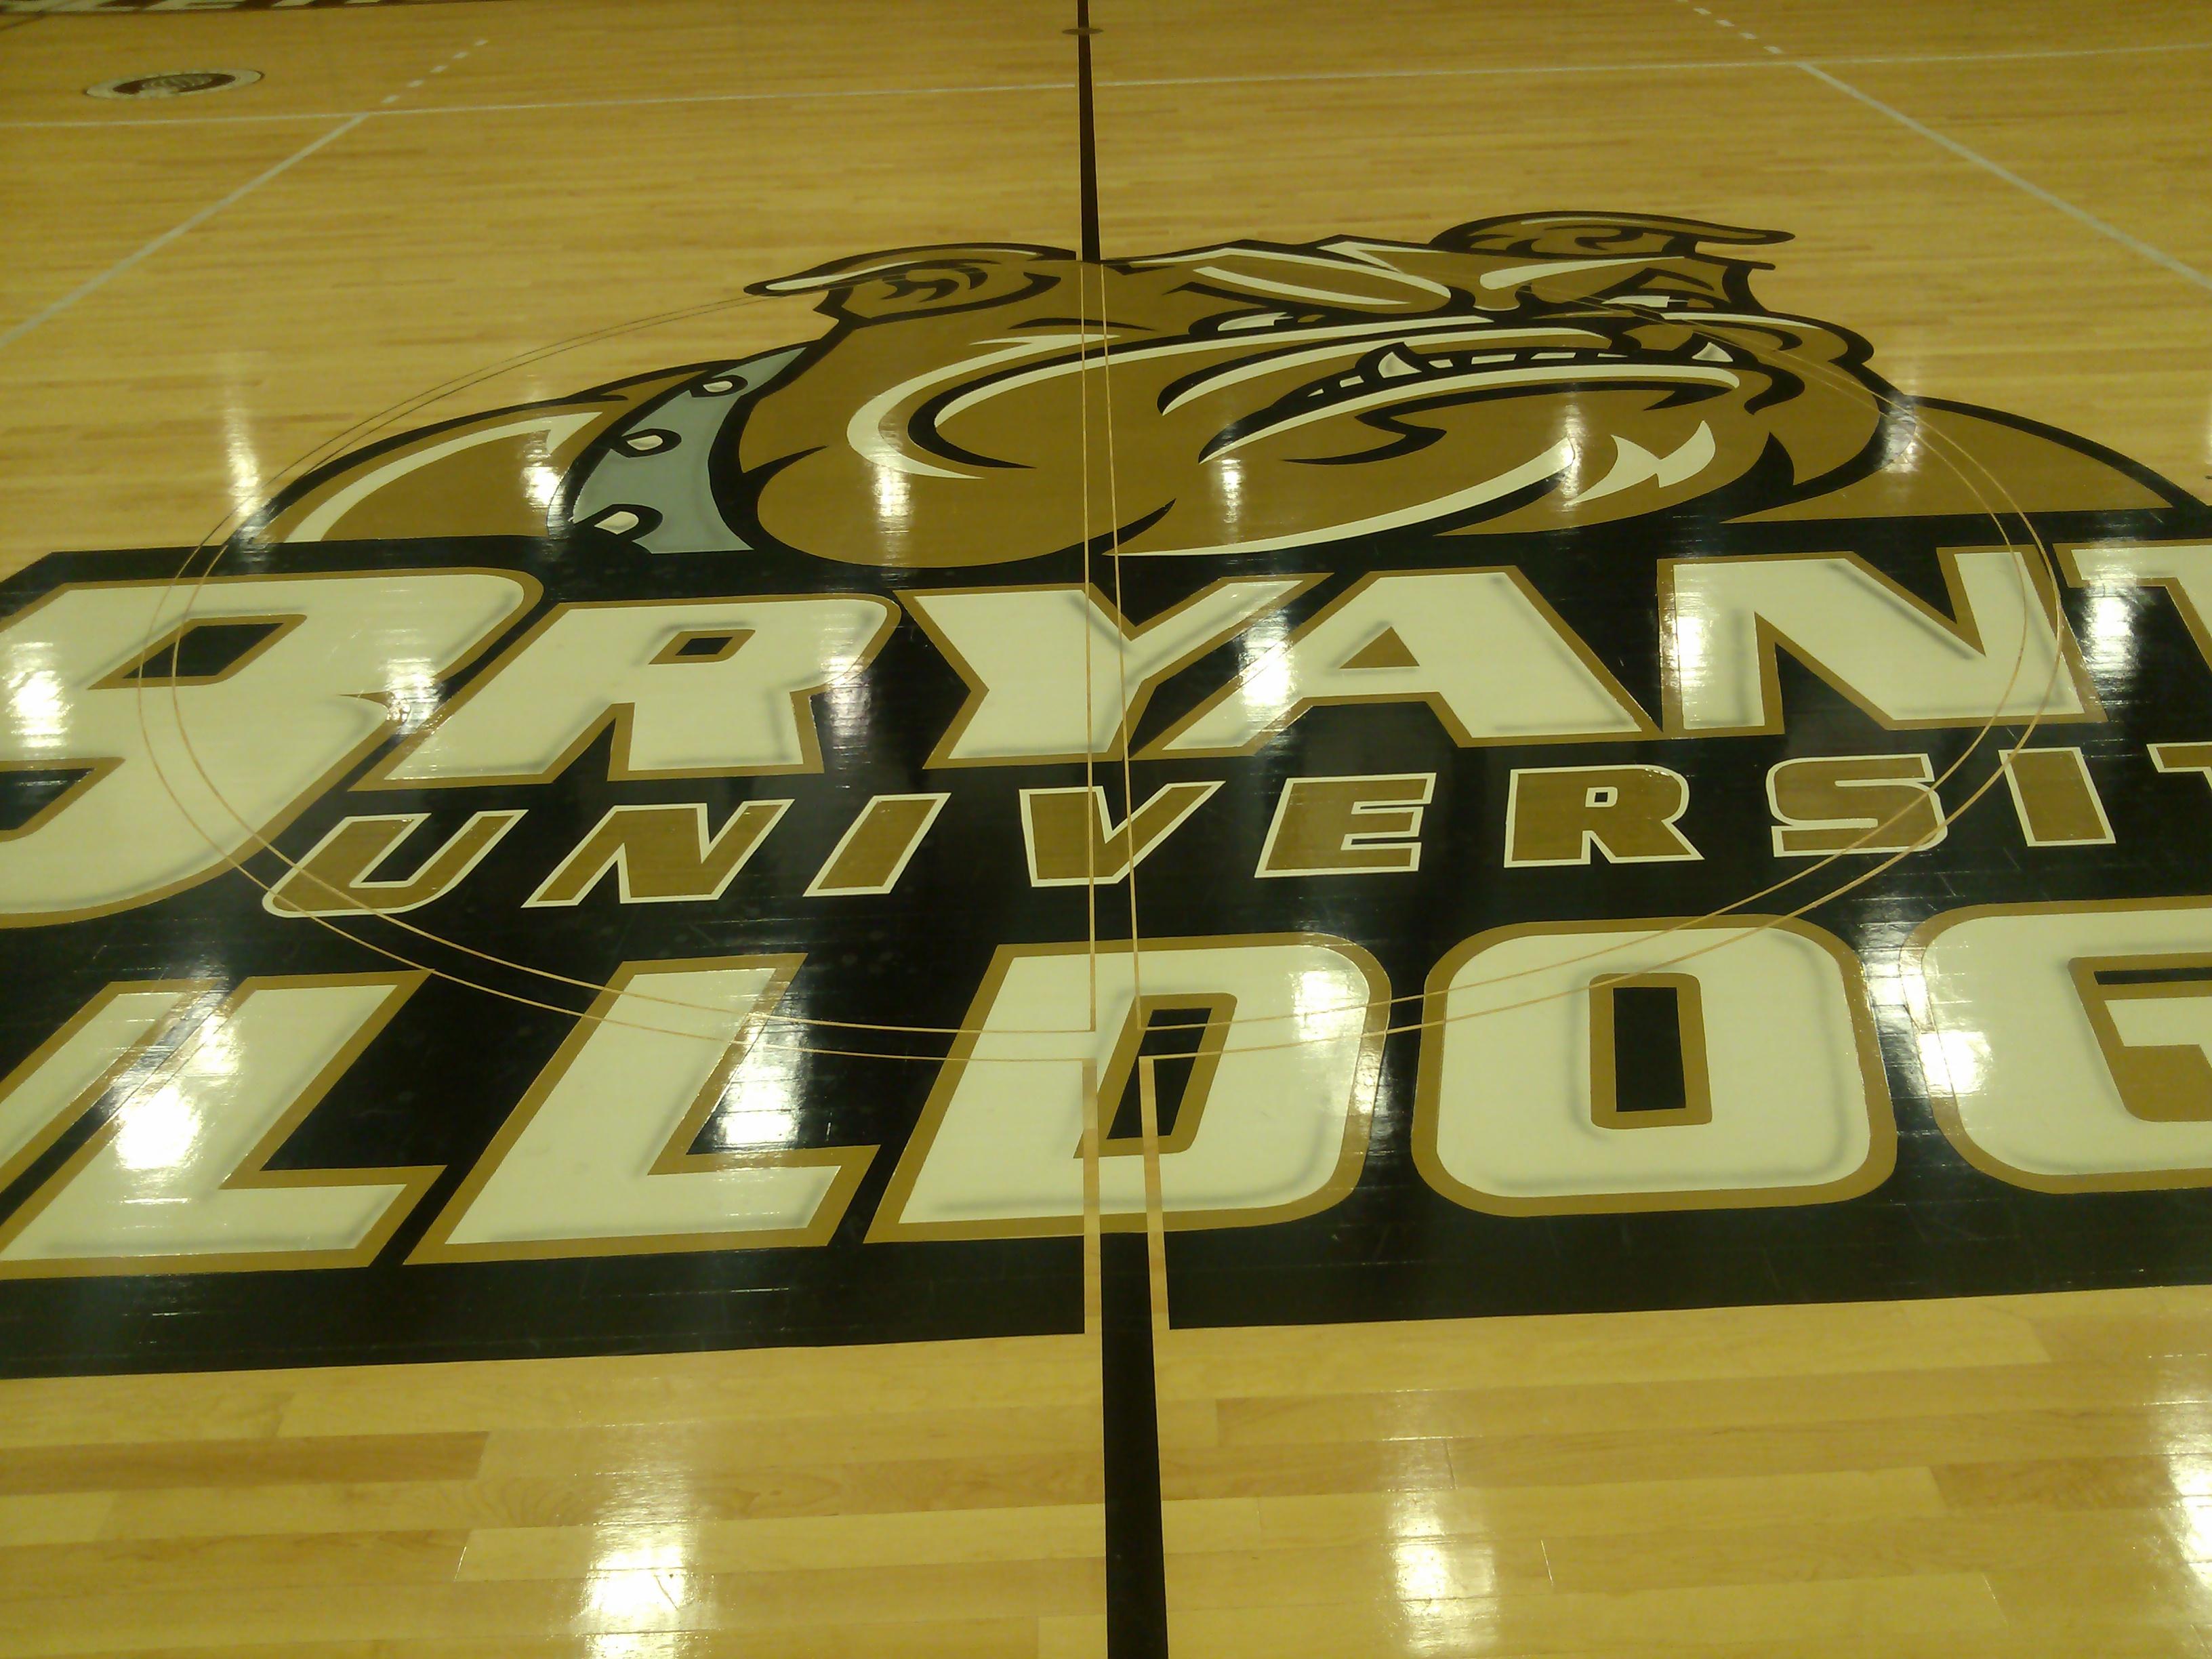 Logo - Bulldog - Bryant University - Smithfield RI.JPG